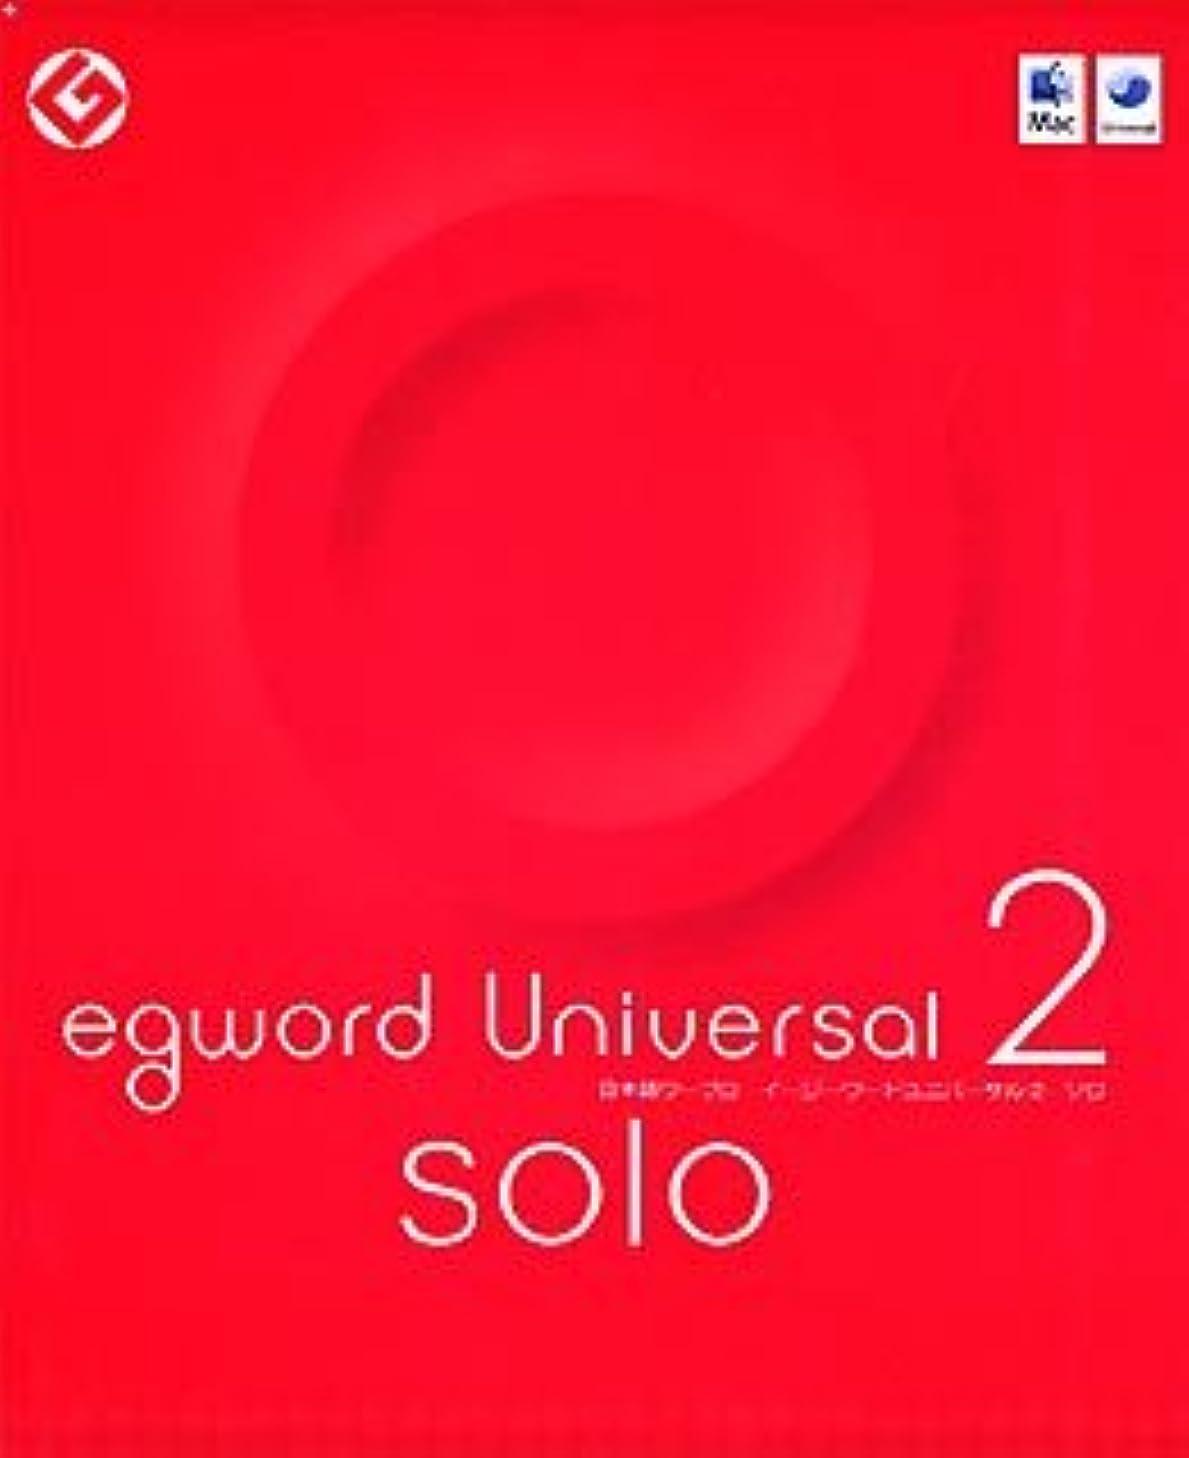 のり労苦難しいegword Universal 2 solo